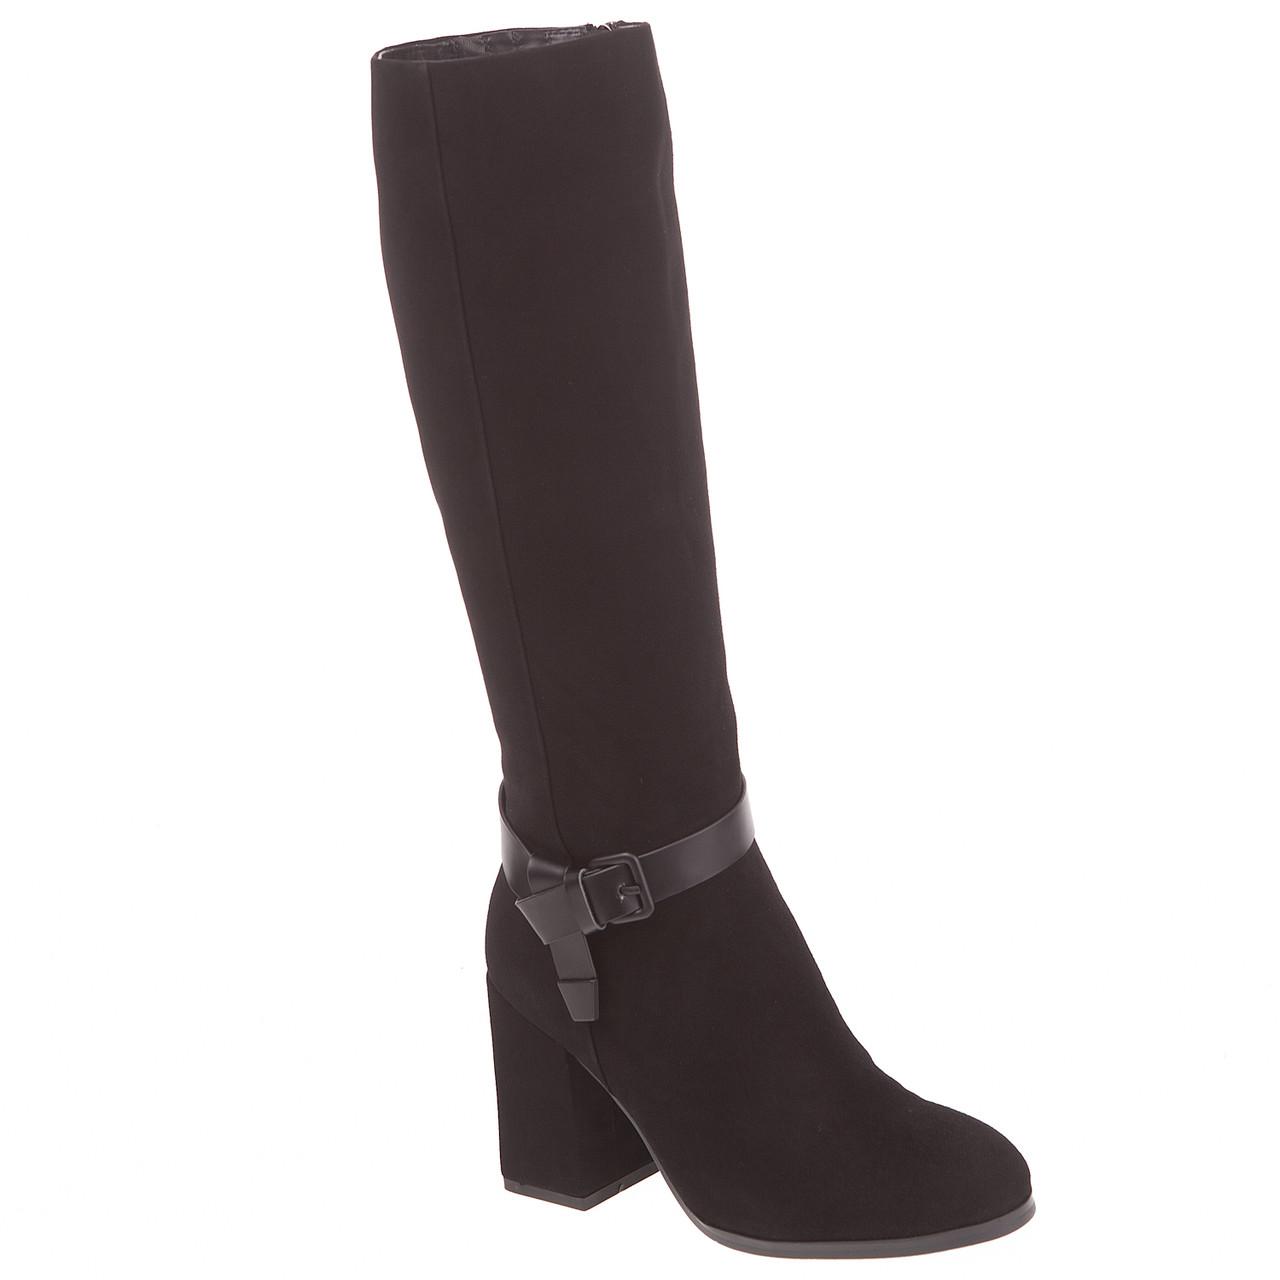 Сапоги женские Deenoor (черные, замшевые, на удобном каблуке, с  оригинальным ремешком) 4230bceecfa